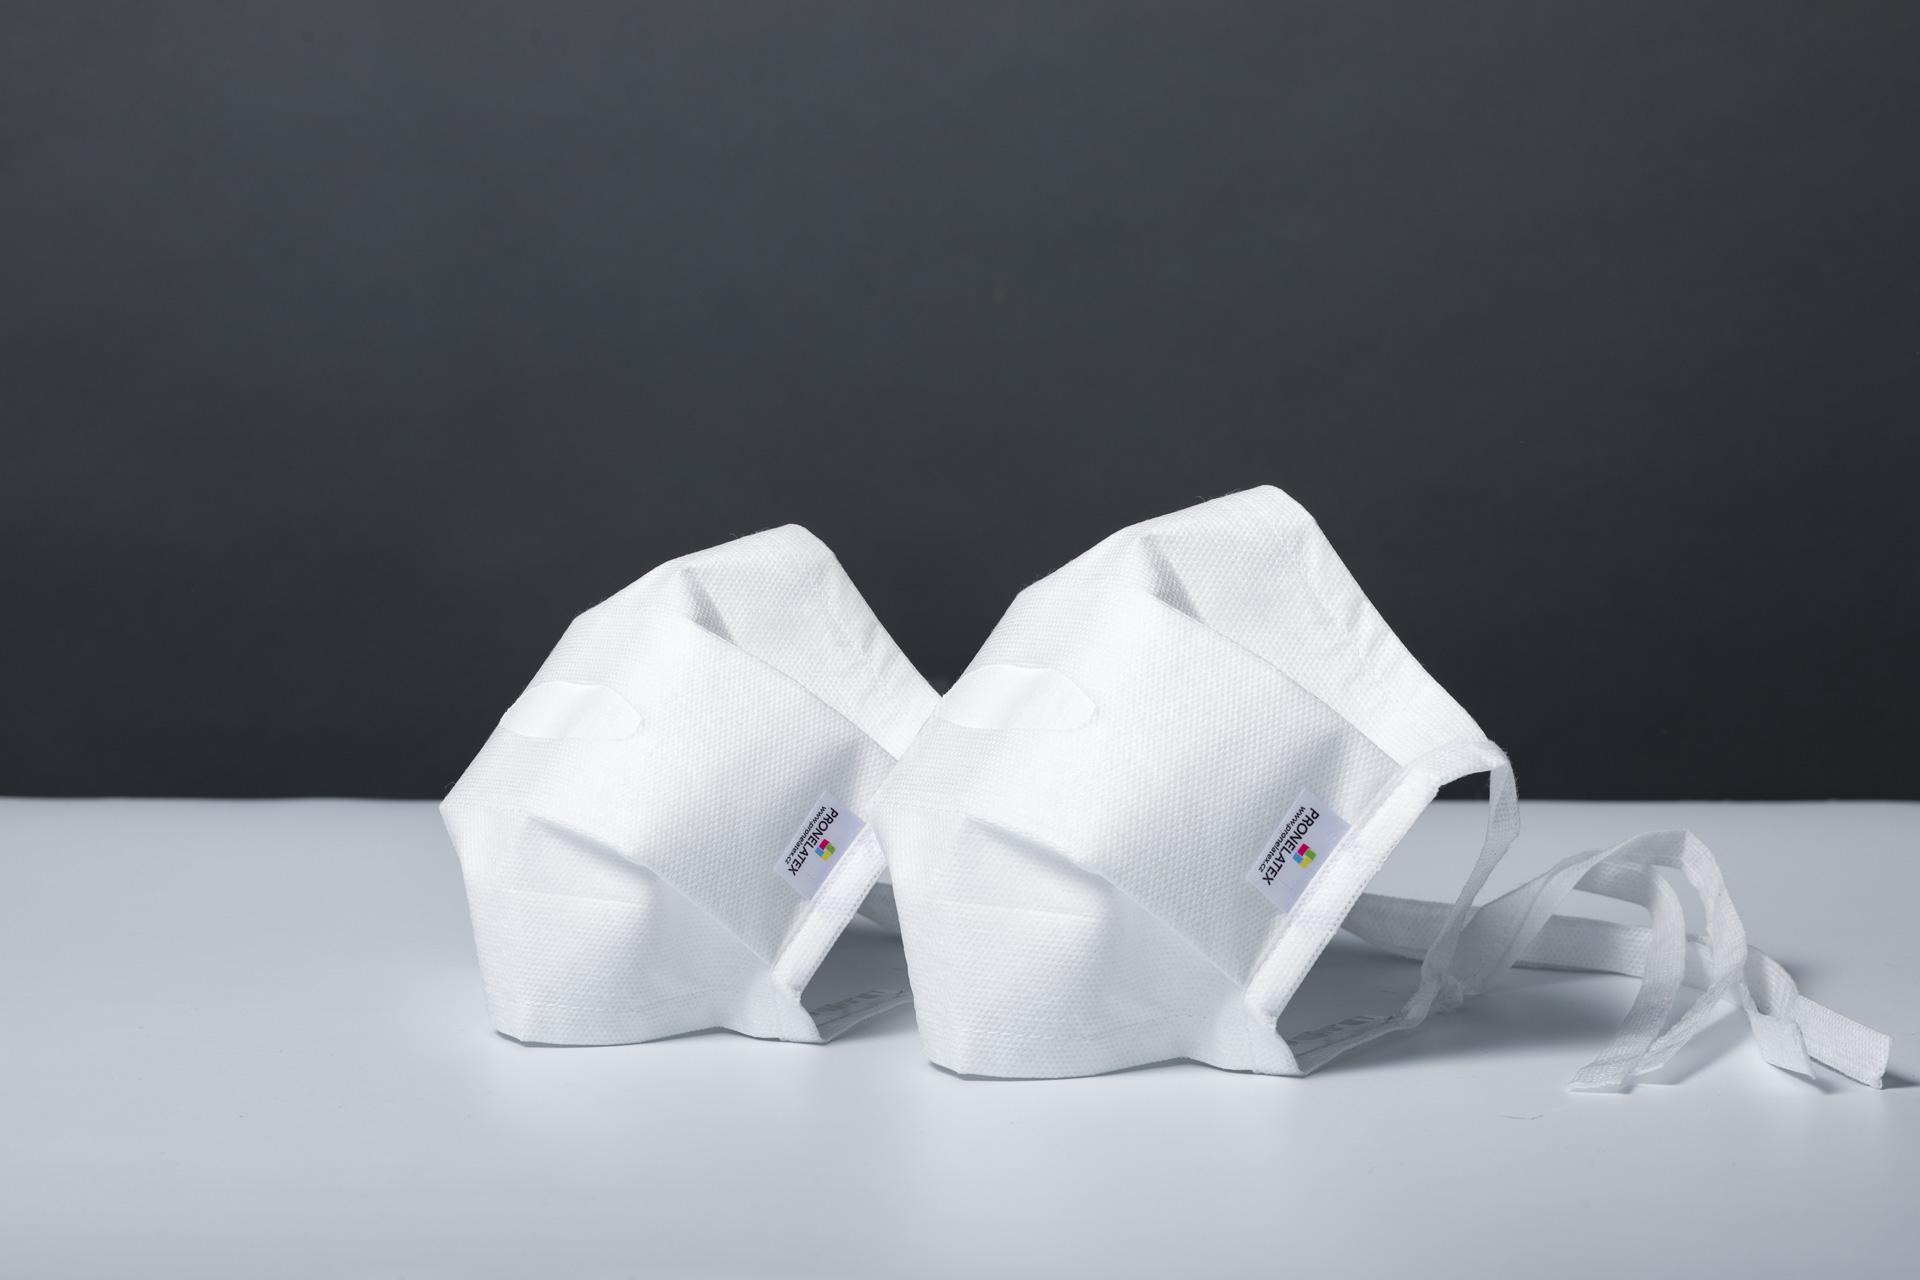 Pronelatex S R O Mundschutz Ntf Mit Filter Ffp2 10er Pack Preiswert Einkaufen Bei Maske Berlin Maske Berlin